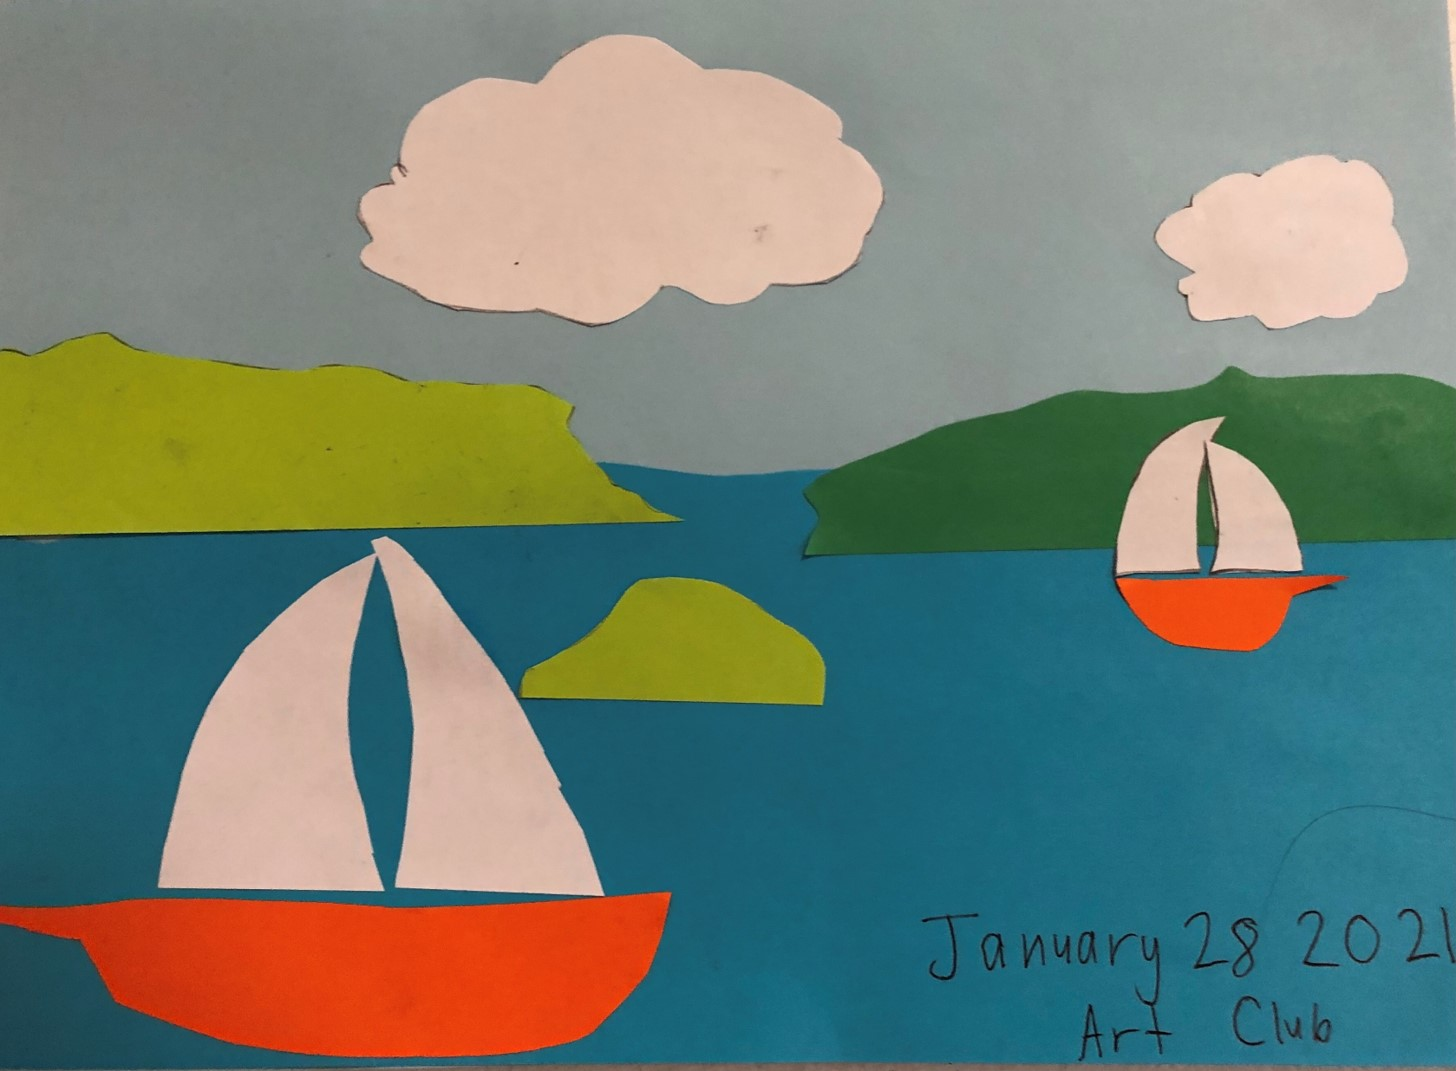 Collage of sail boats at sea